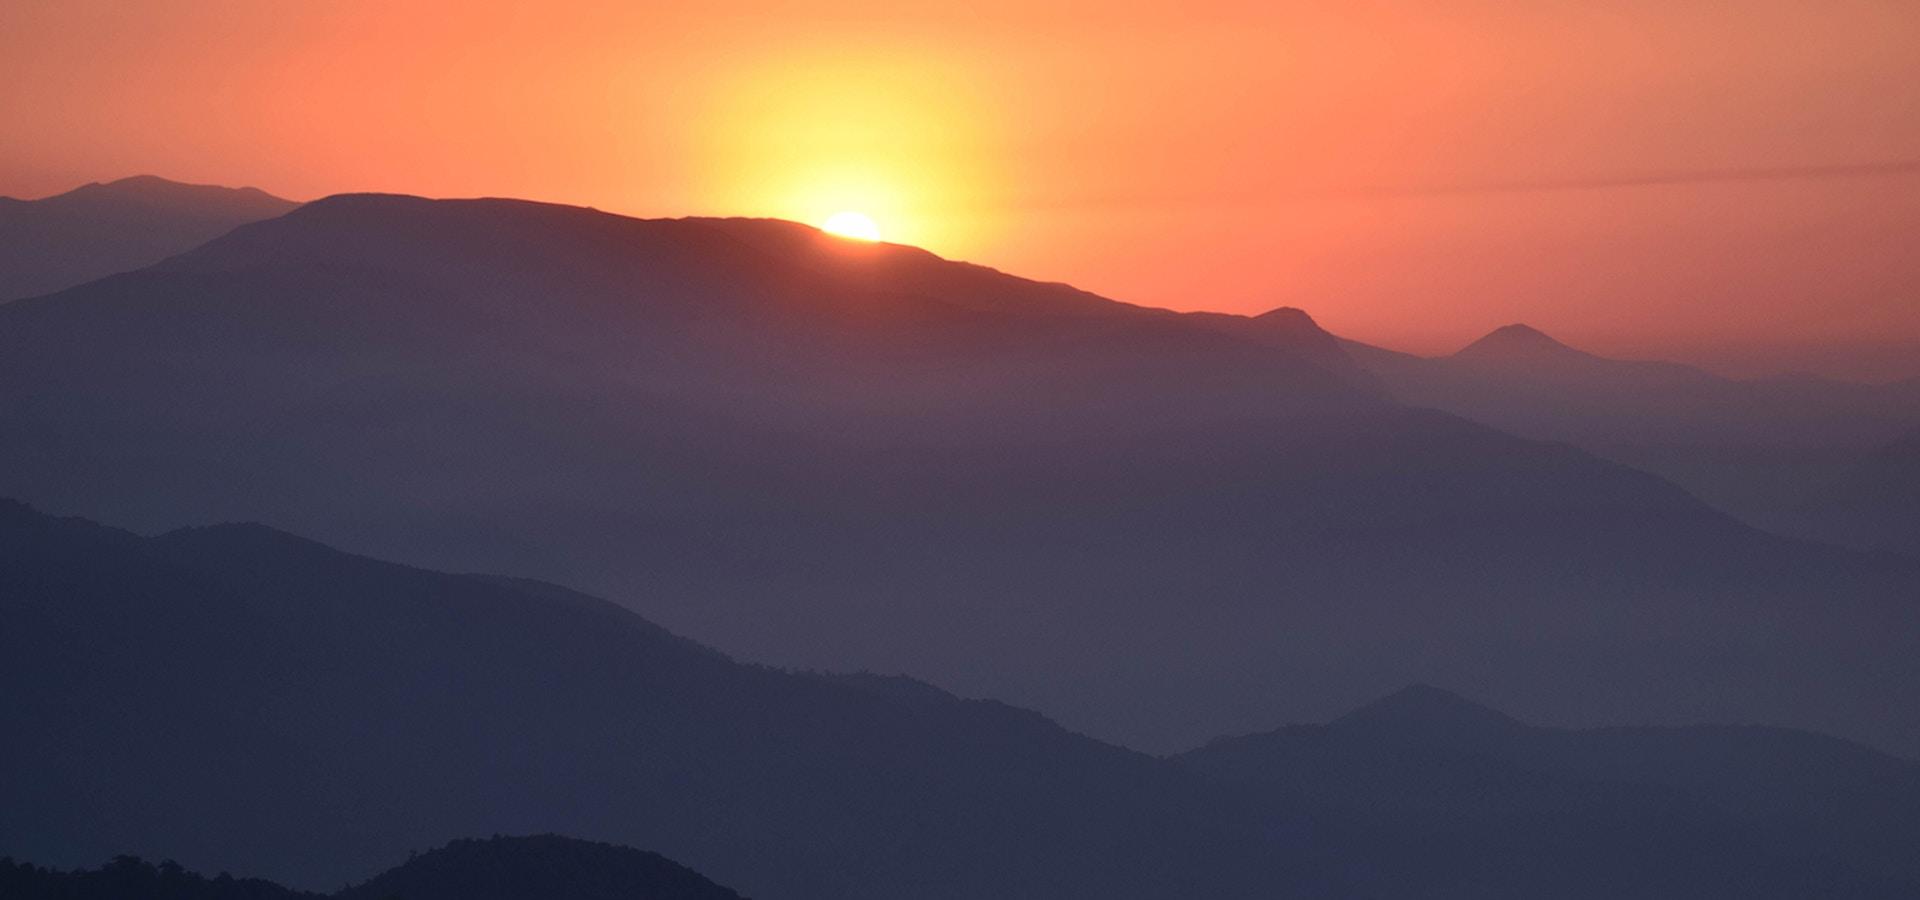 Sunrise over a mountain range